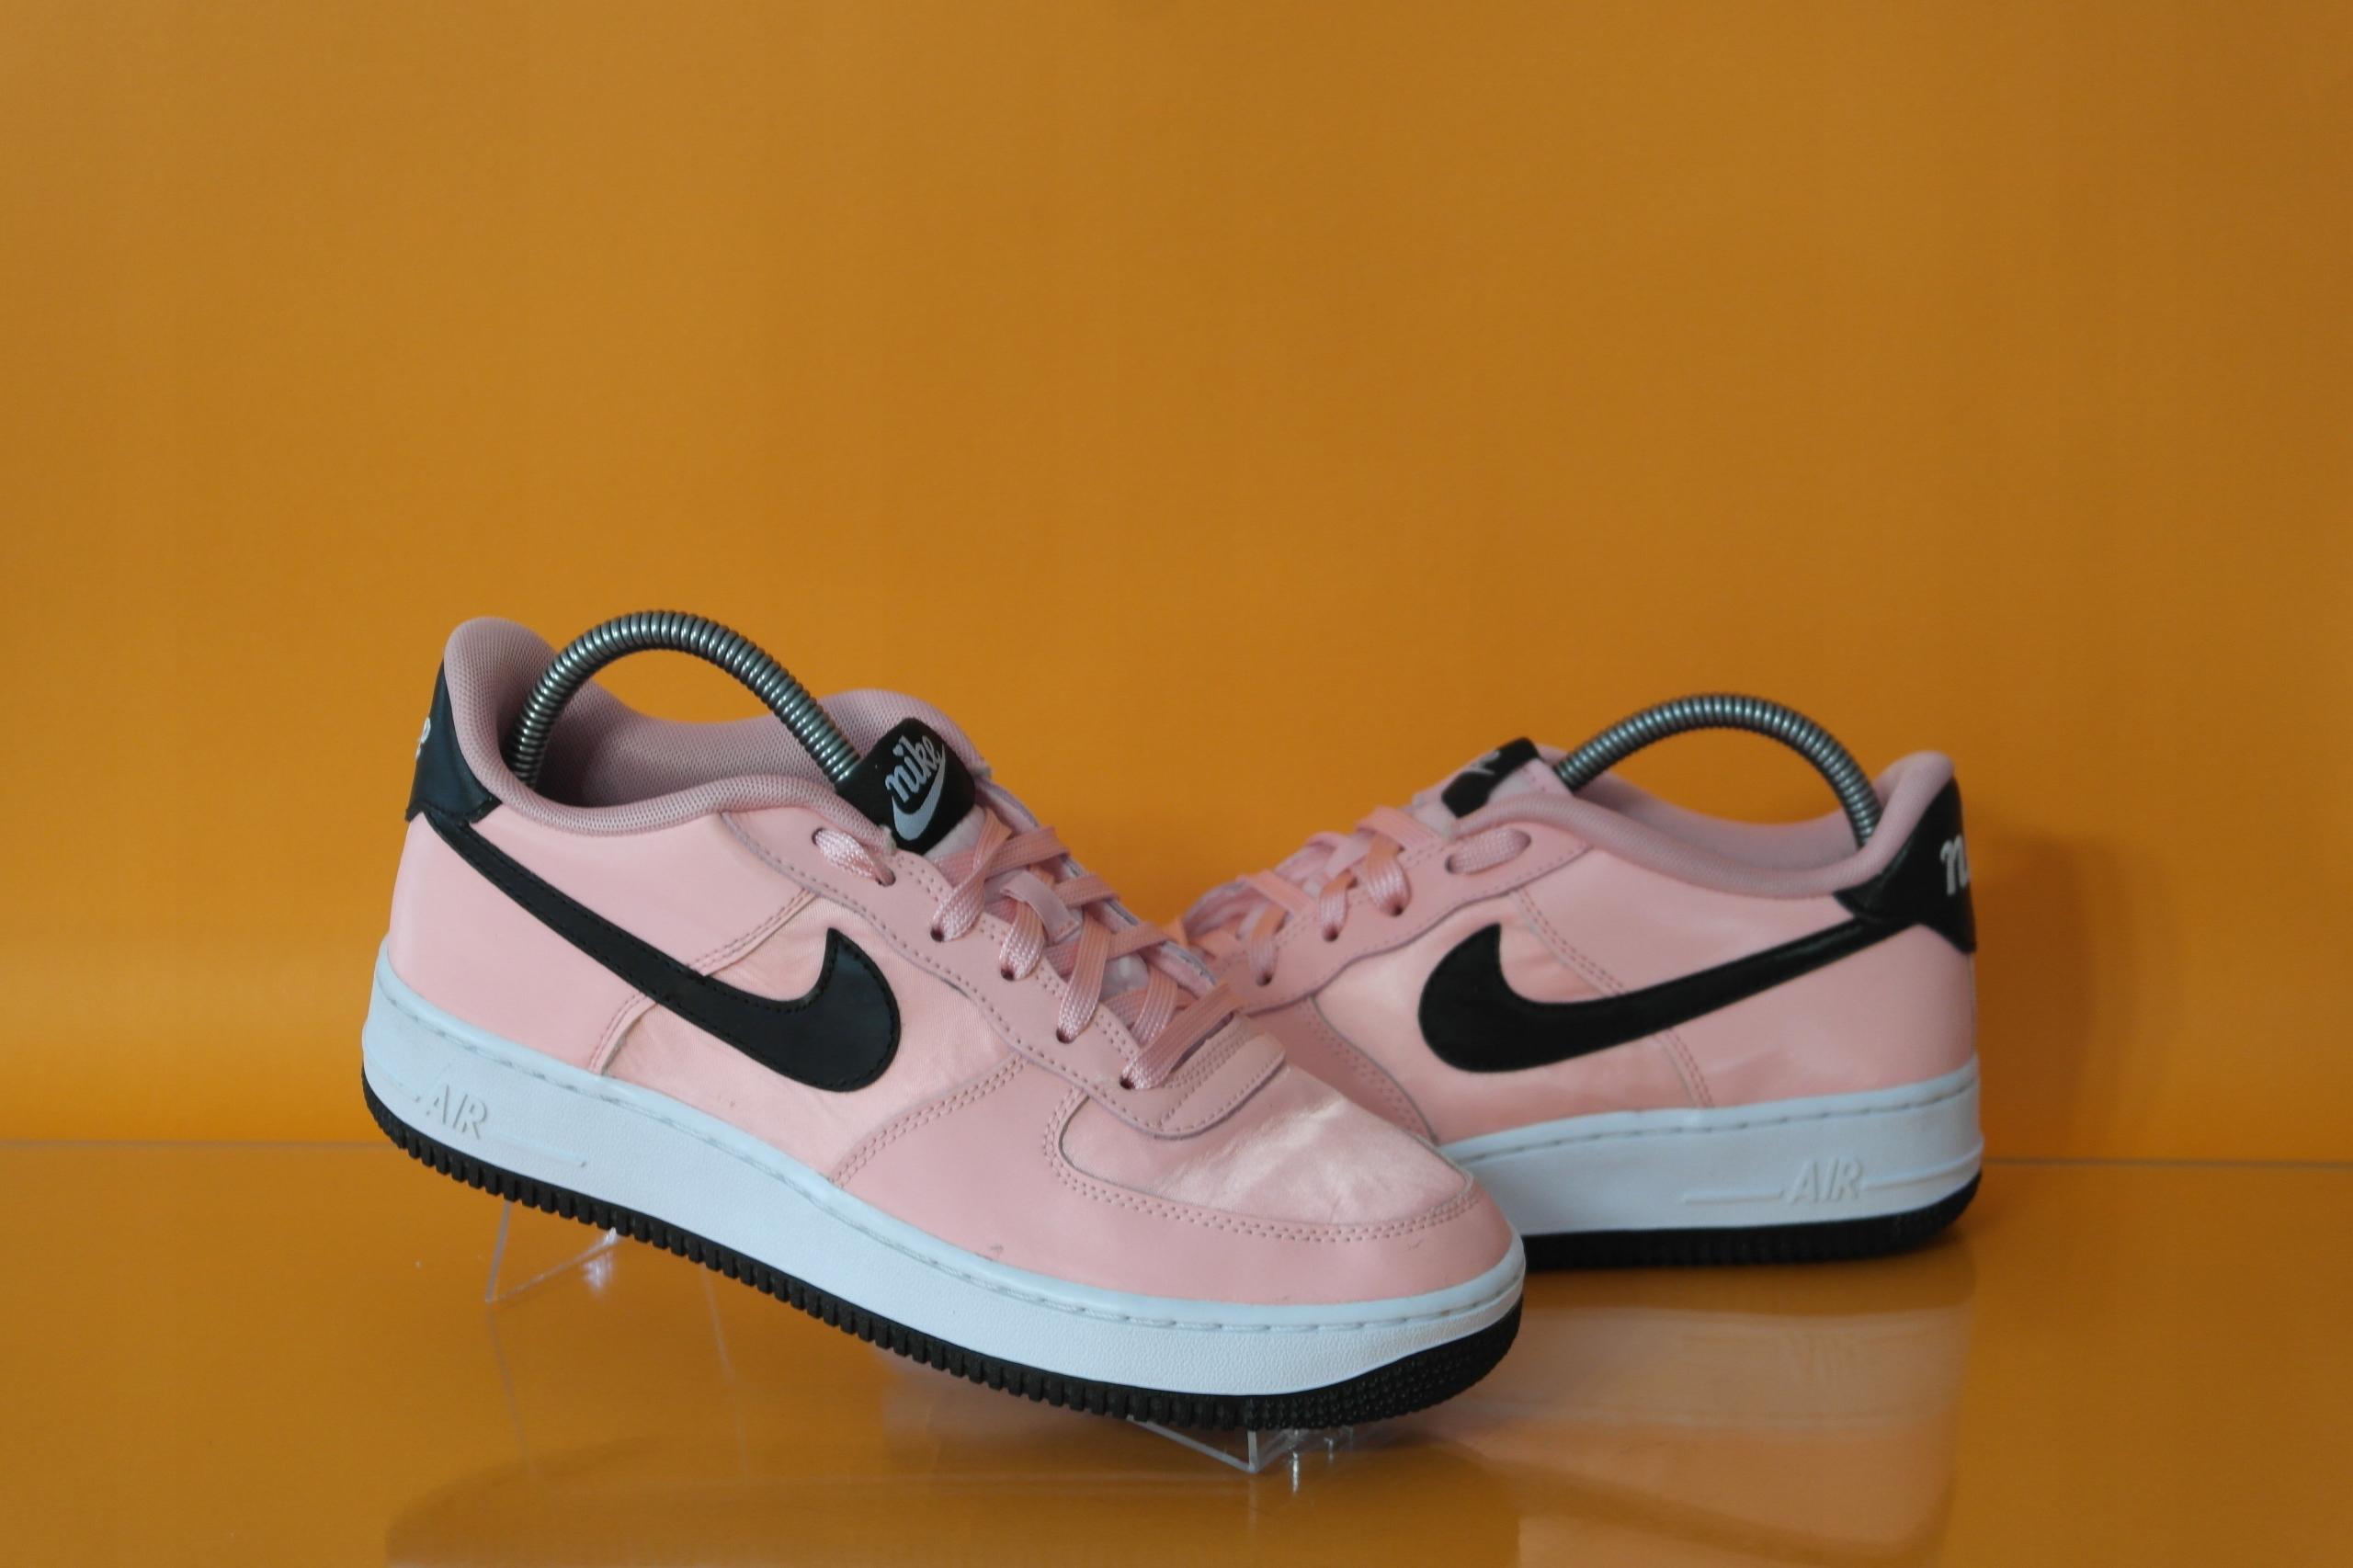 Buty Nike Air Force 1 UPSTEP SE AF1 r.36 Volt